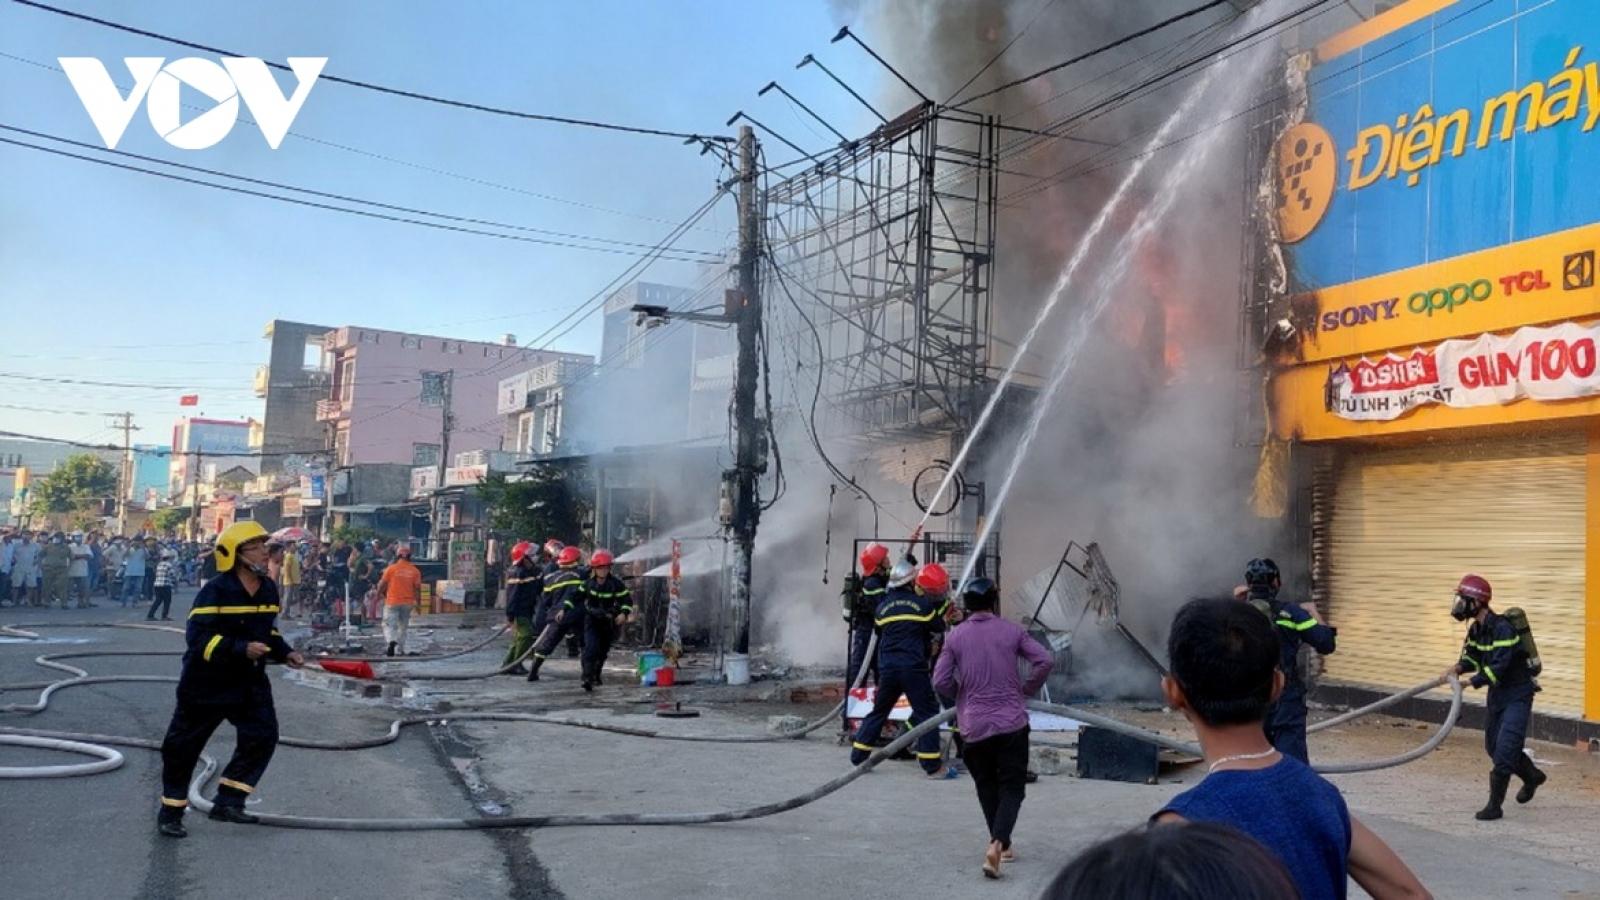 Phú Yên:Tìm người đã chứng kiến đám cháy cửa hàng điện máy để phòng, chống dịch Covid-19